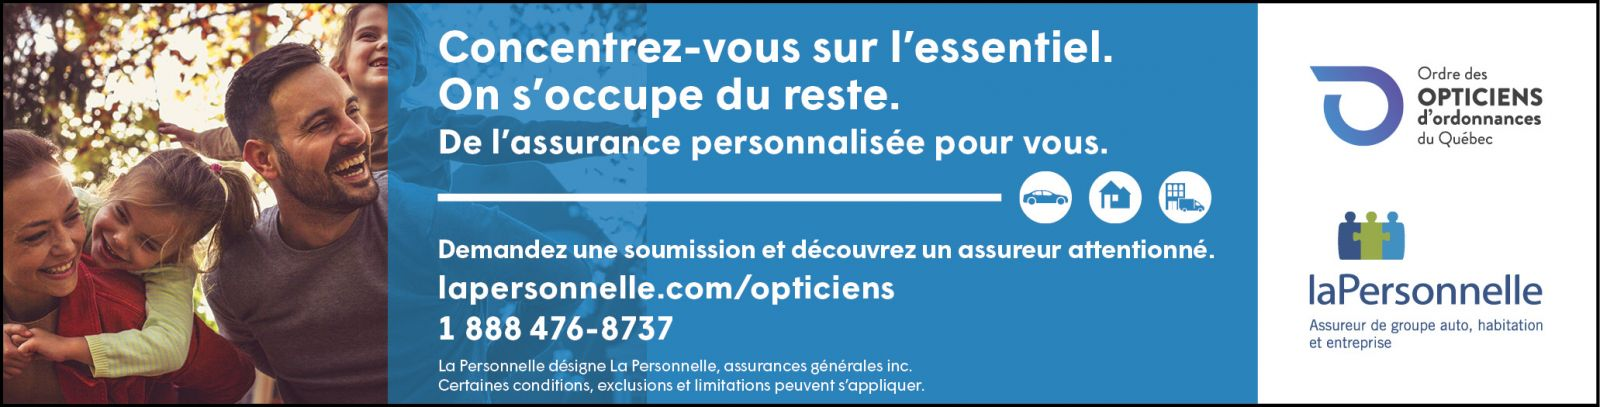 LaPersonnelle